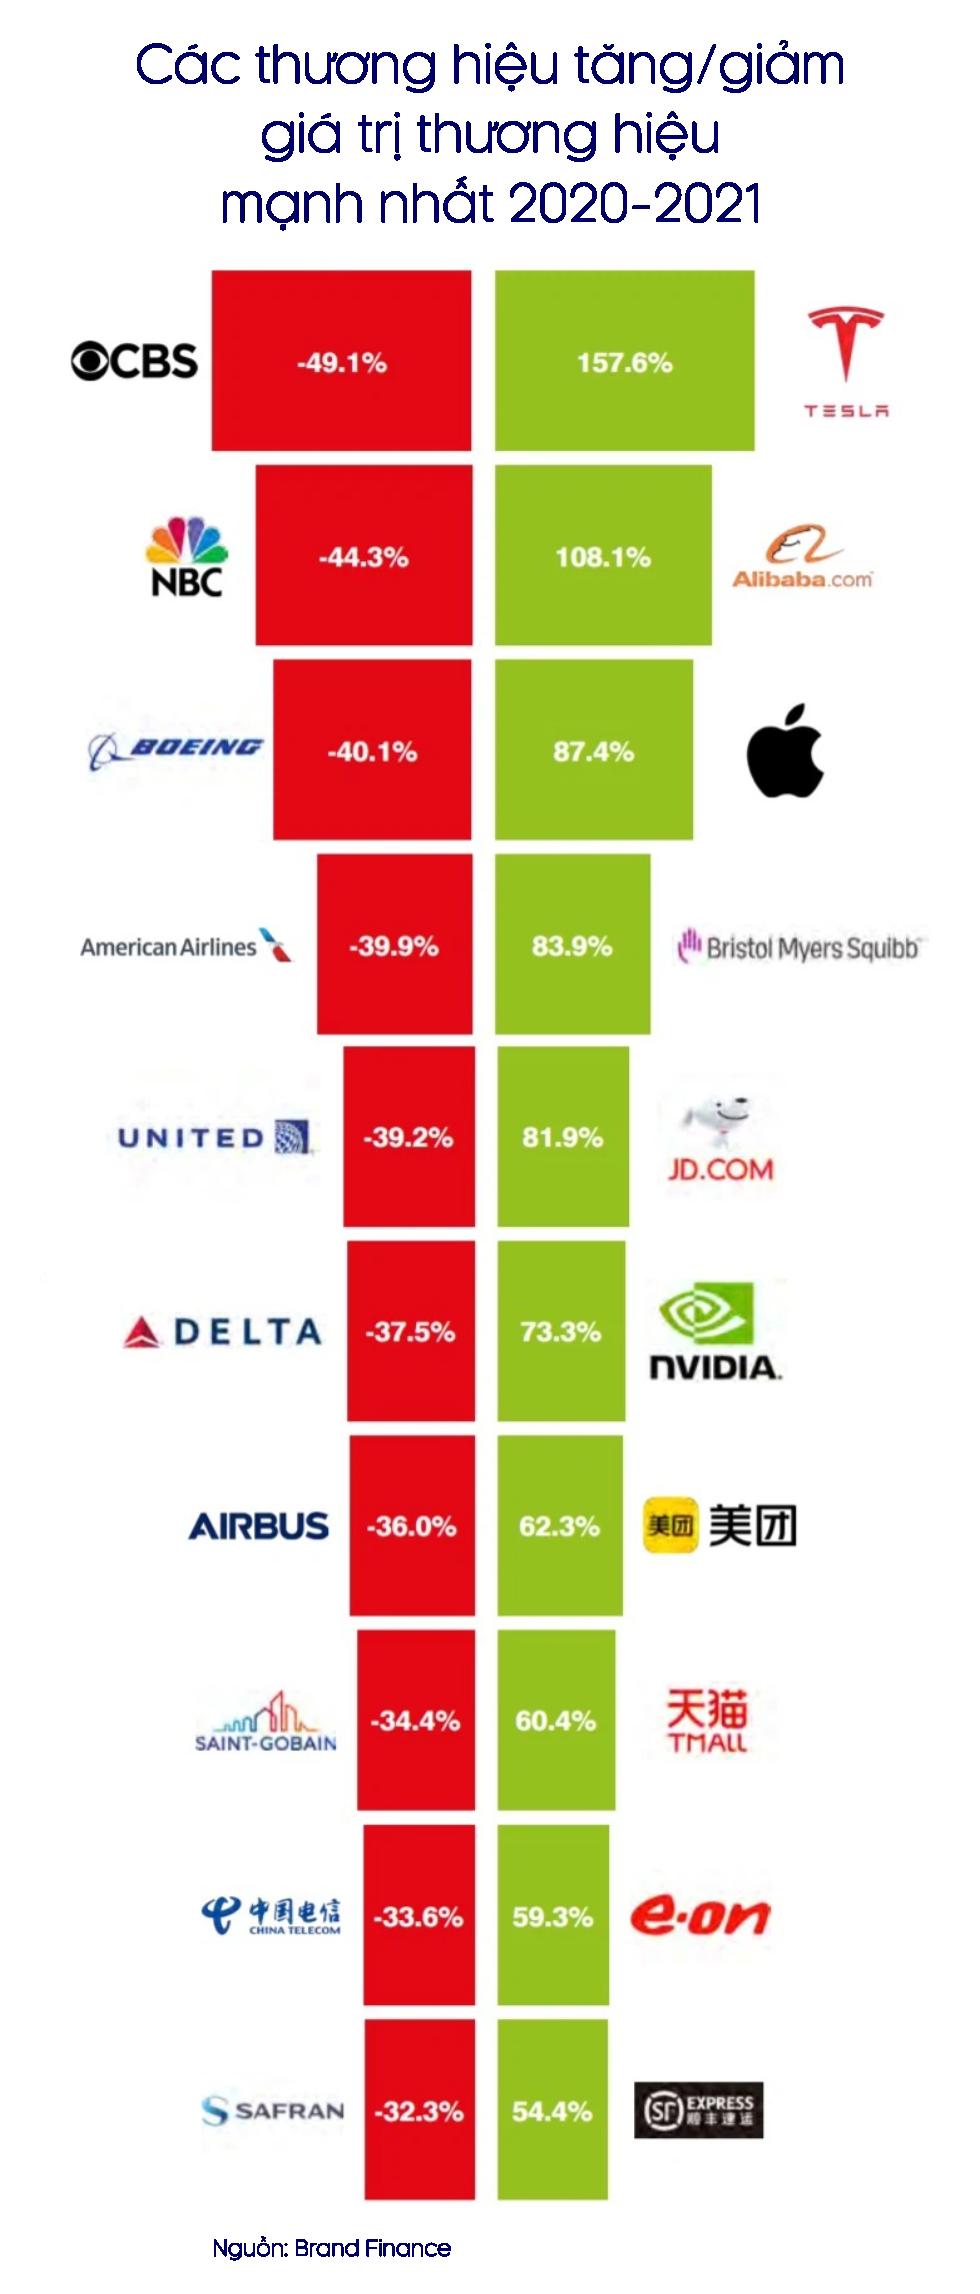 Thương hiệu doanh nghiệp bán lẻ tăng vù vù, hàng không và du lịch rớt thảm - Ảnh 3.